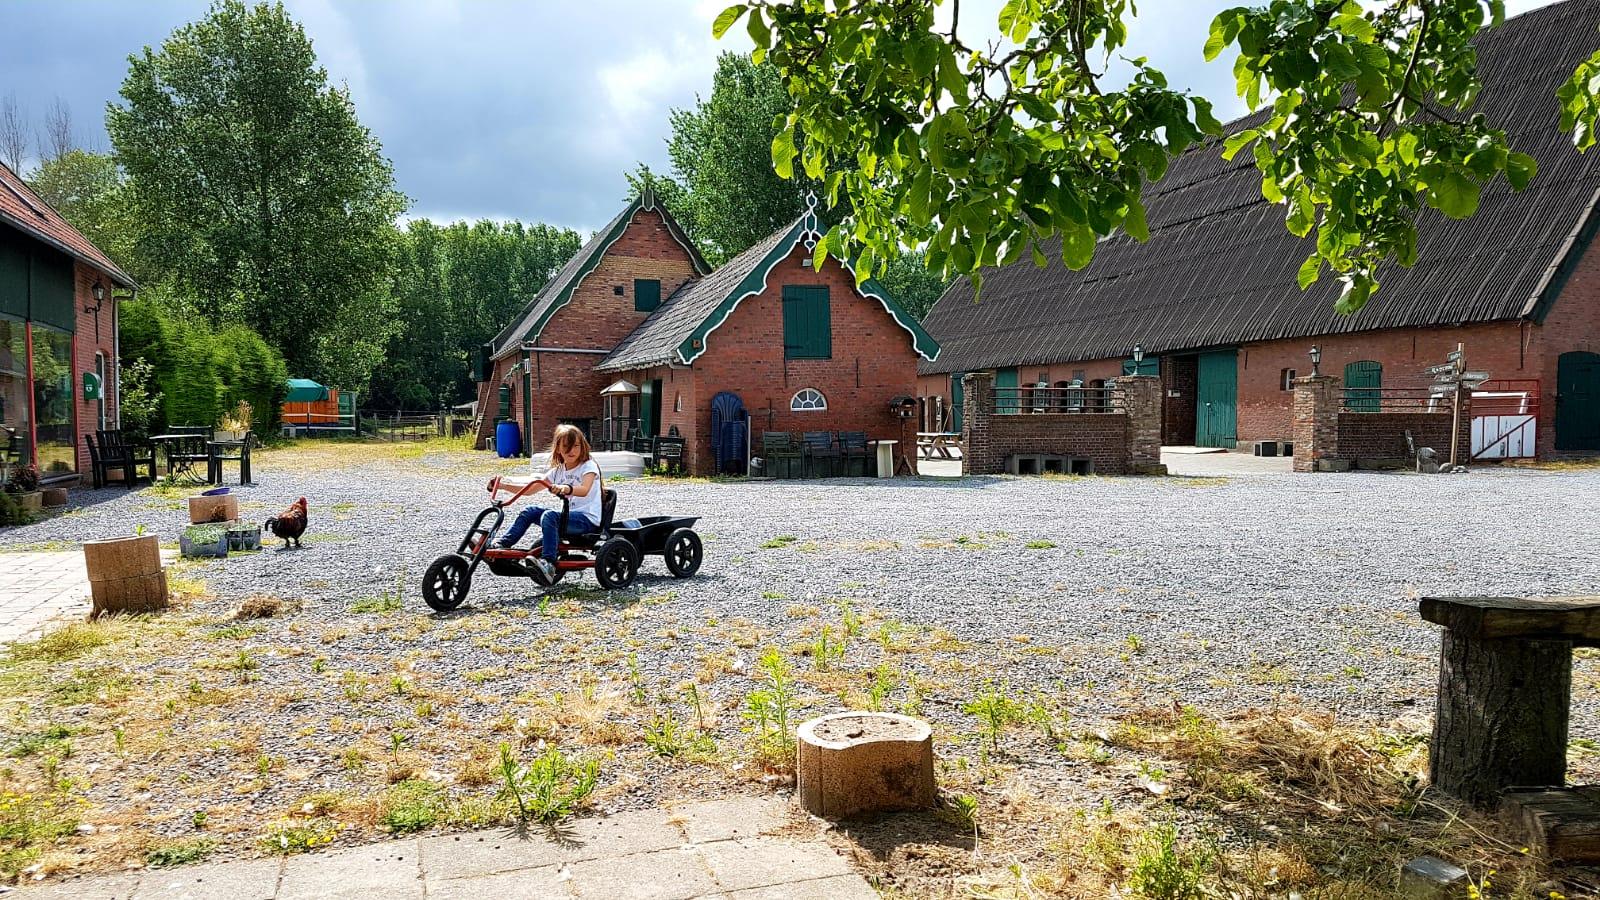 maatschap-Hof-van-Axel-skelteren-ruimte-zorgvraag-zorg-zorgboerderij-camping-pensionstal